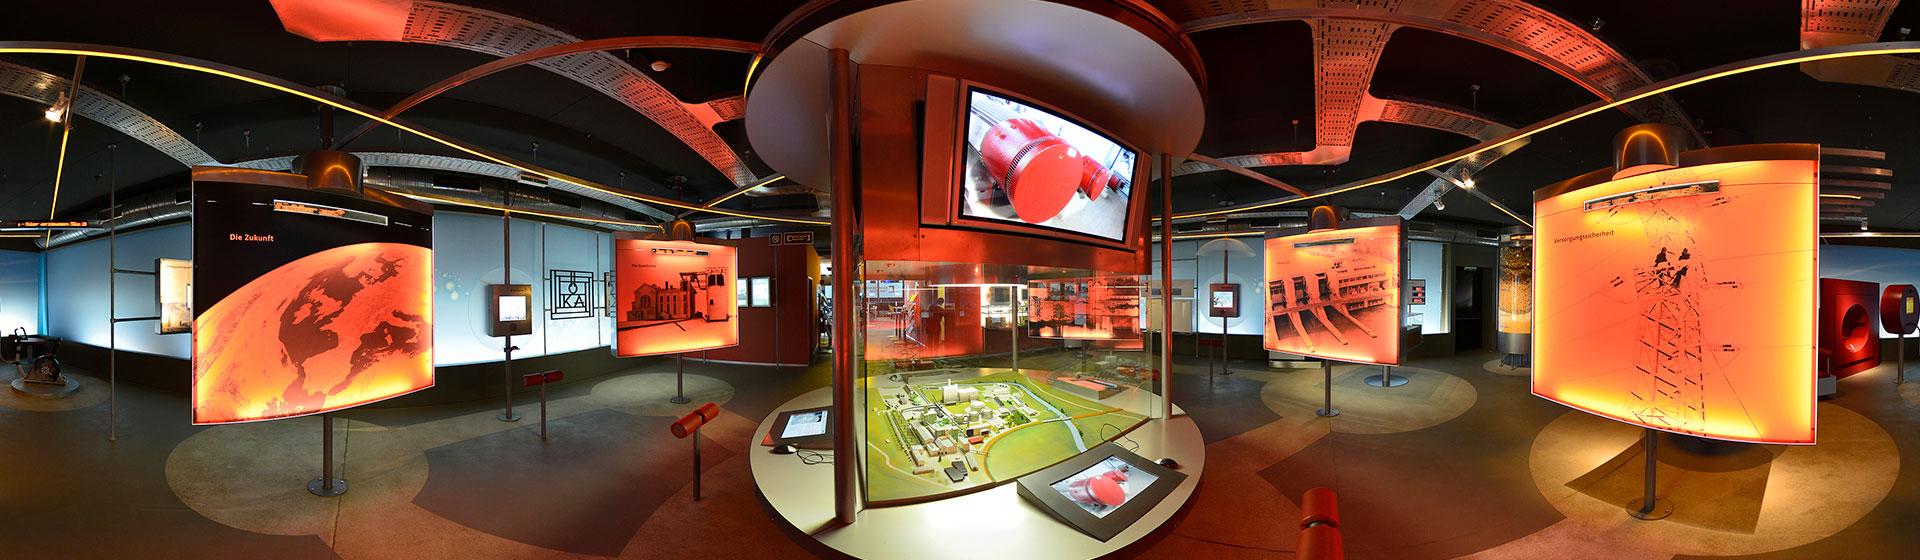 Virtuelle Tour Museum Timelkam